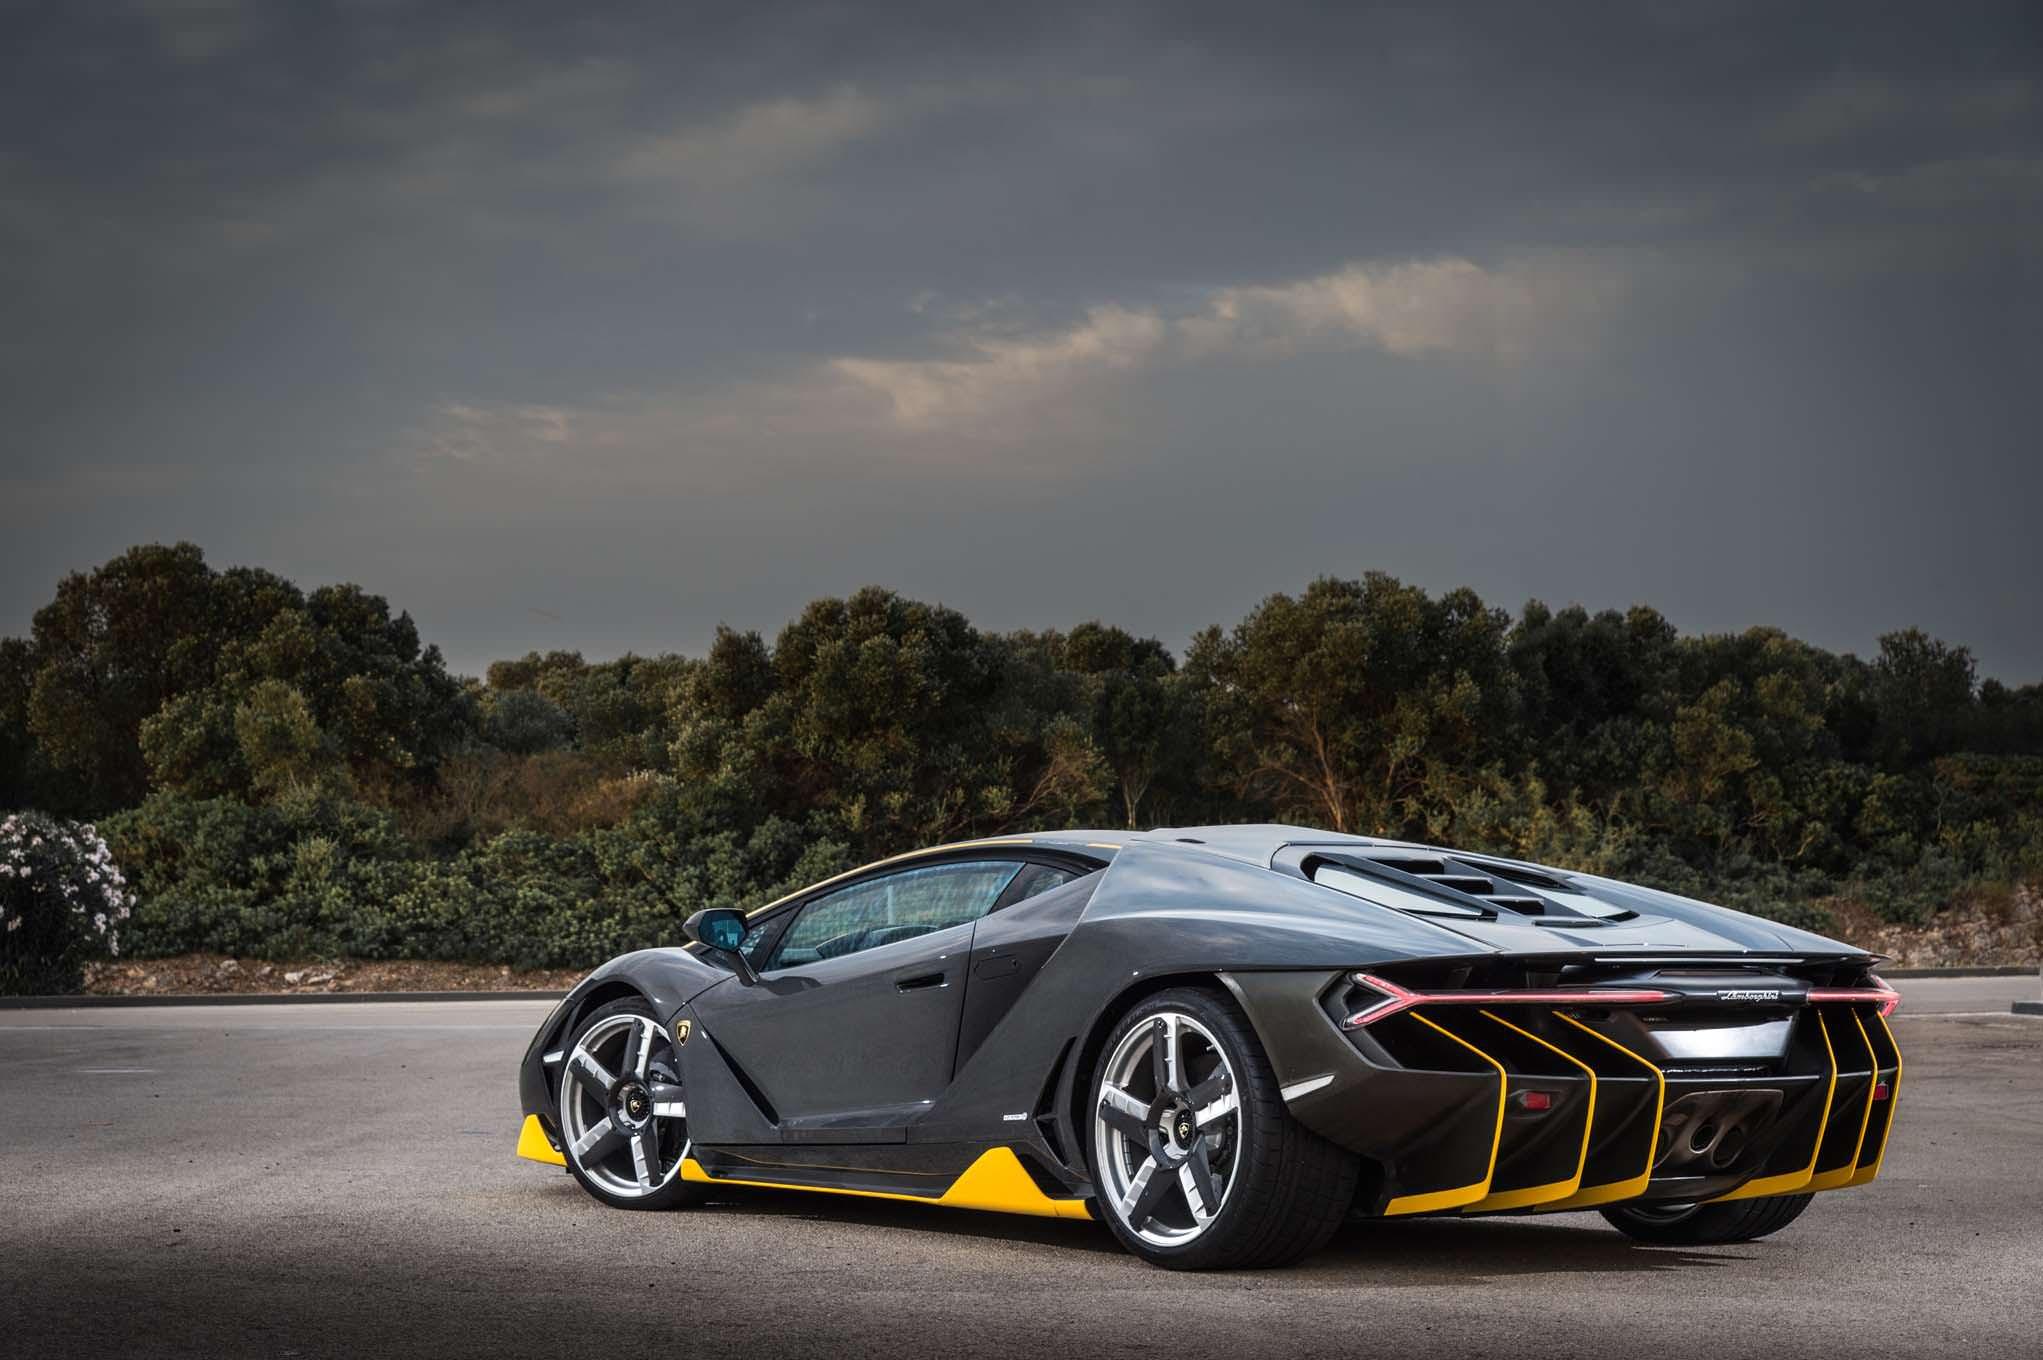 Lamborghini Centenario Wallpapers Top Free Lamborghini Centenario